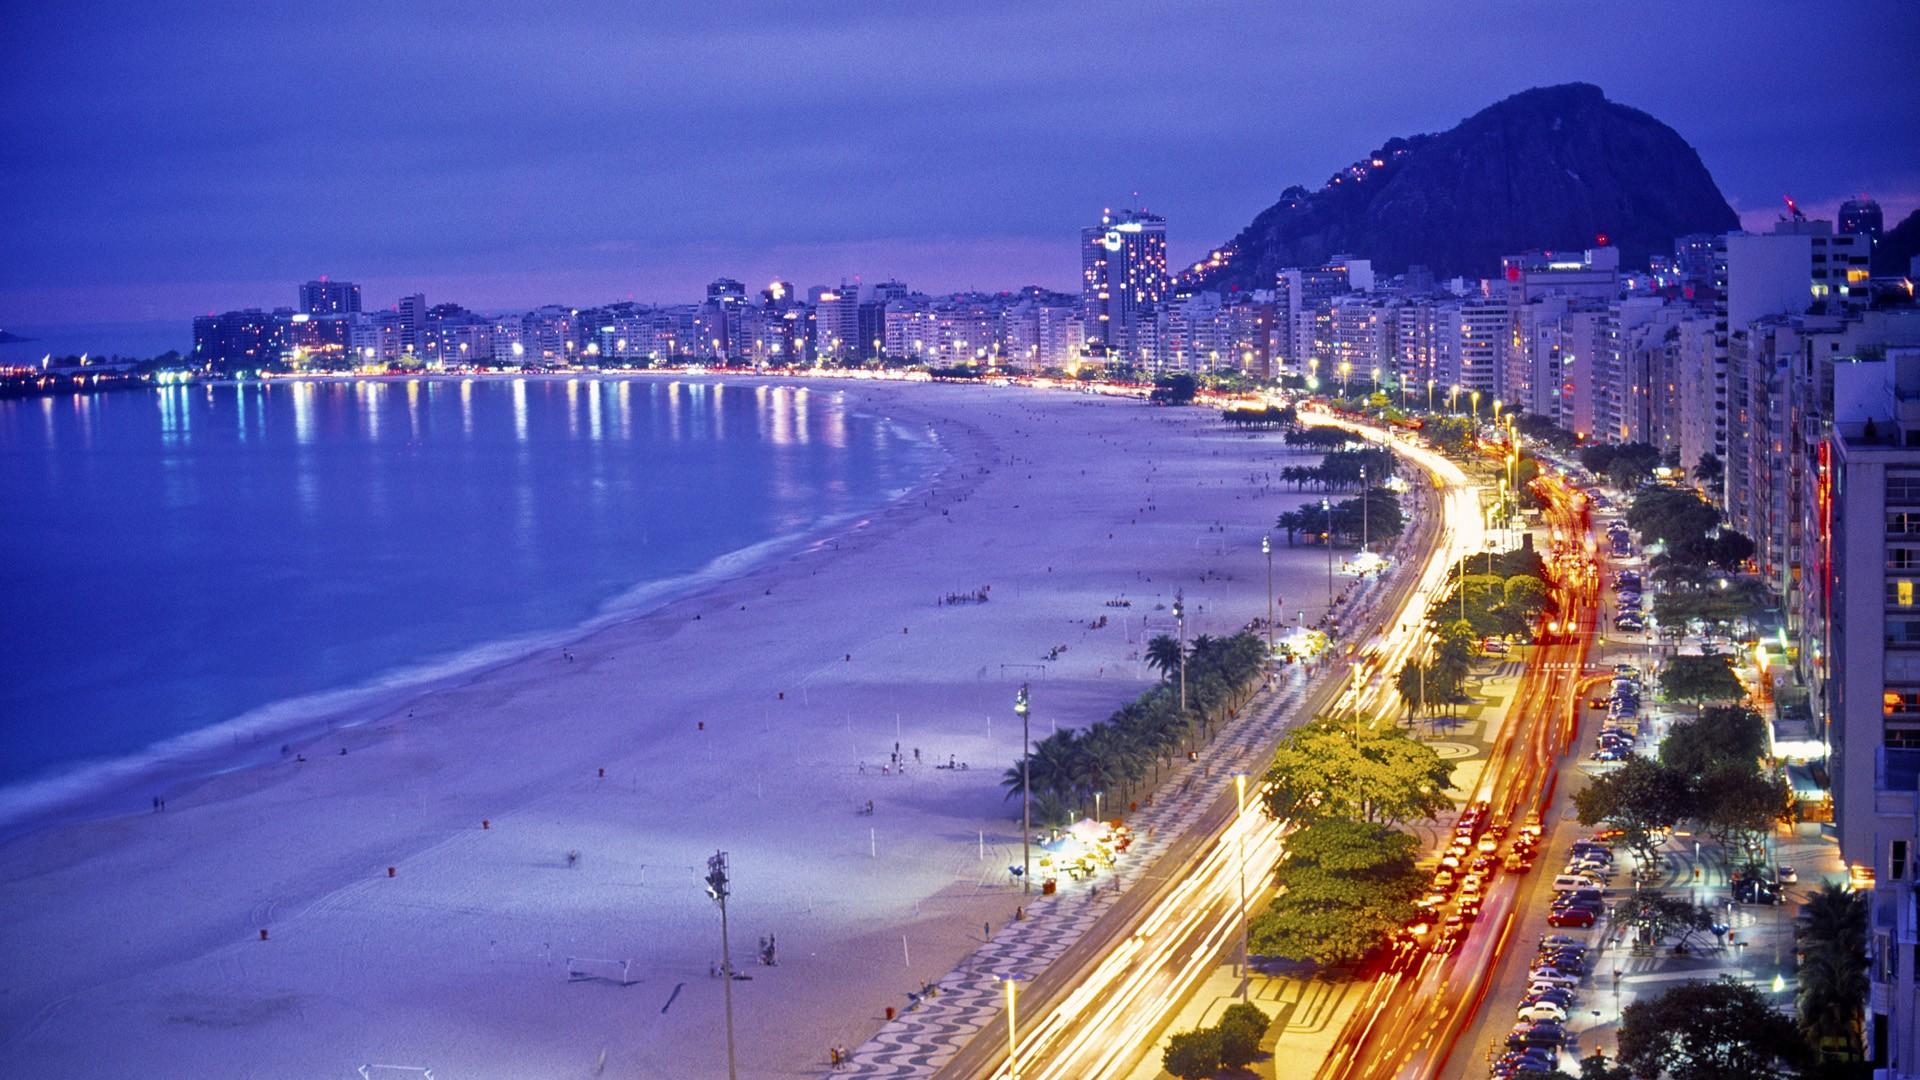 Beach Brazil Wallpaper 1920x1080 Beach Brazil Rio De Janeiro 1920x1080